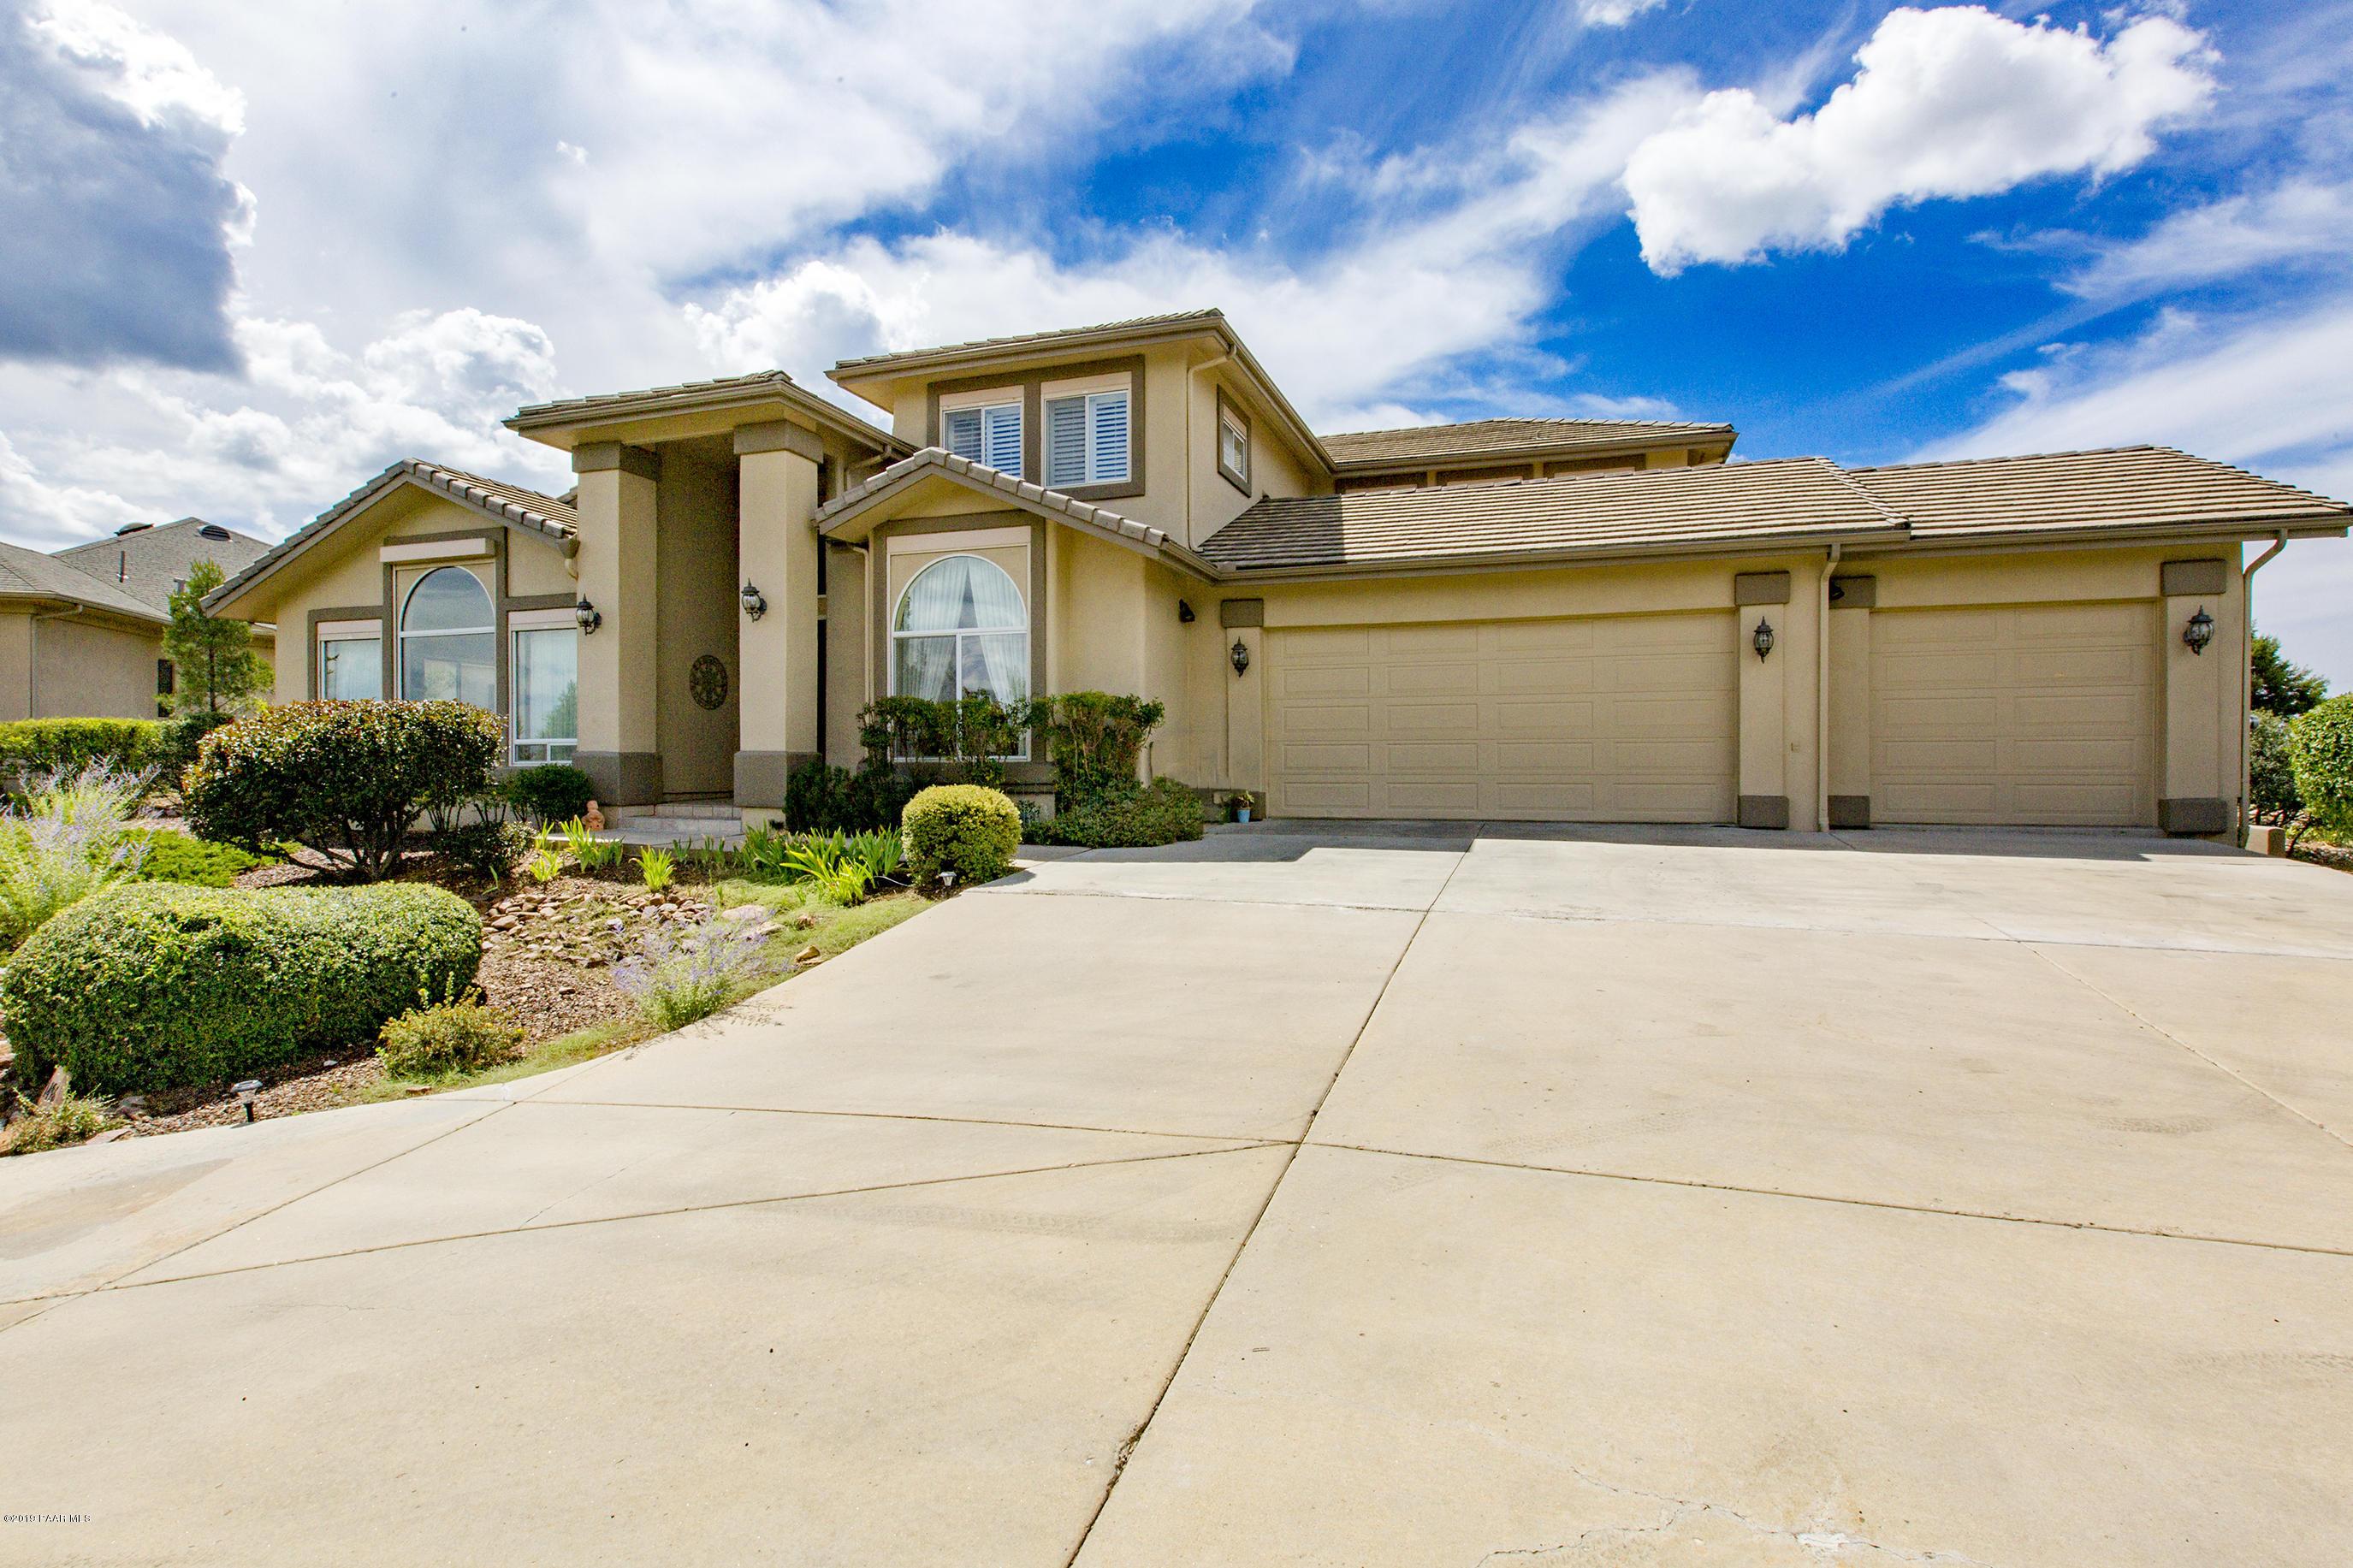 Photo of 1496 Eagle Crest, Prescott, AZ 86301